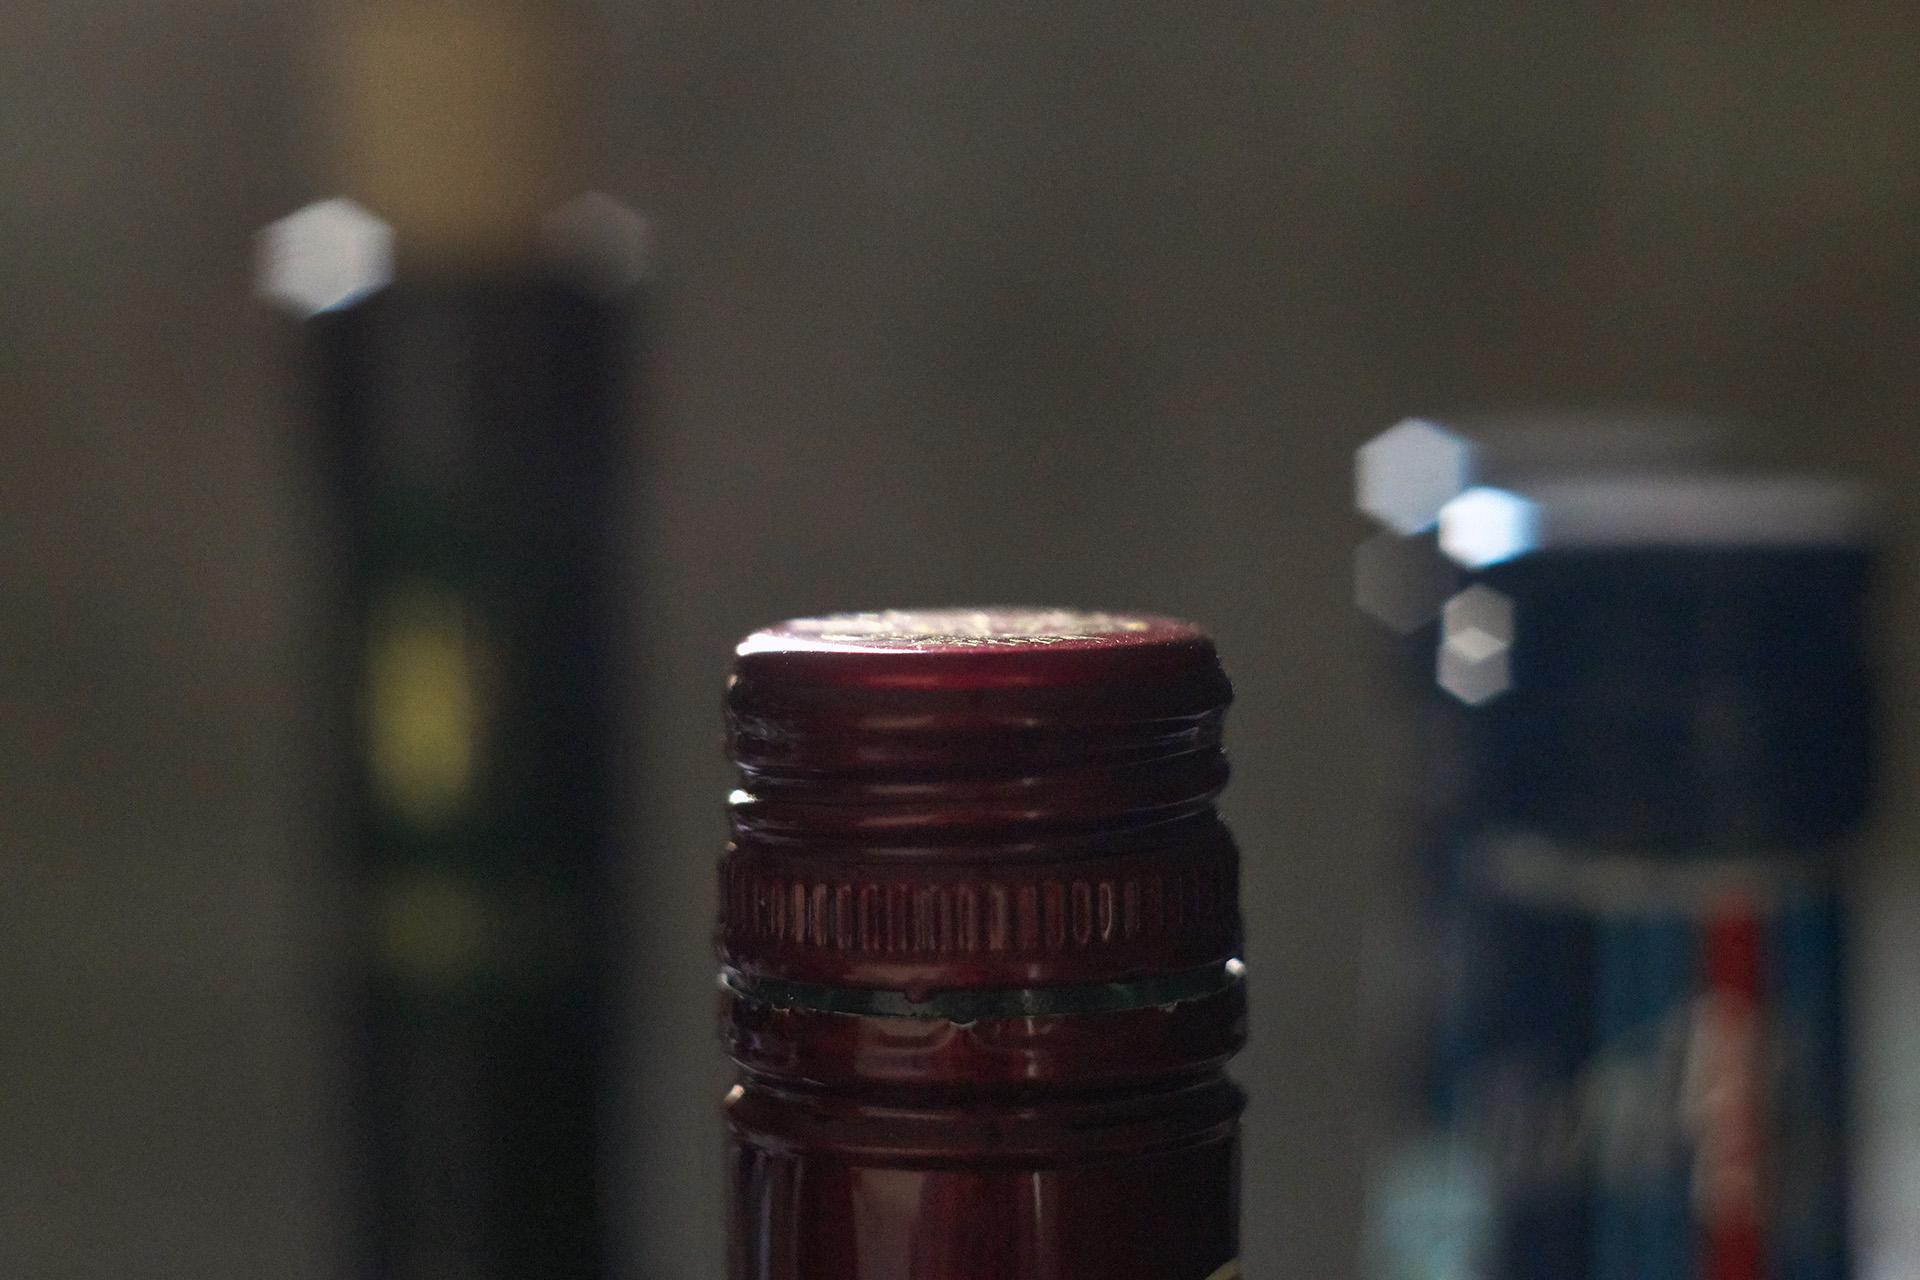 Flaschen, ISO3200, Blende 2, 1/160s Verschlusszeit